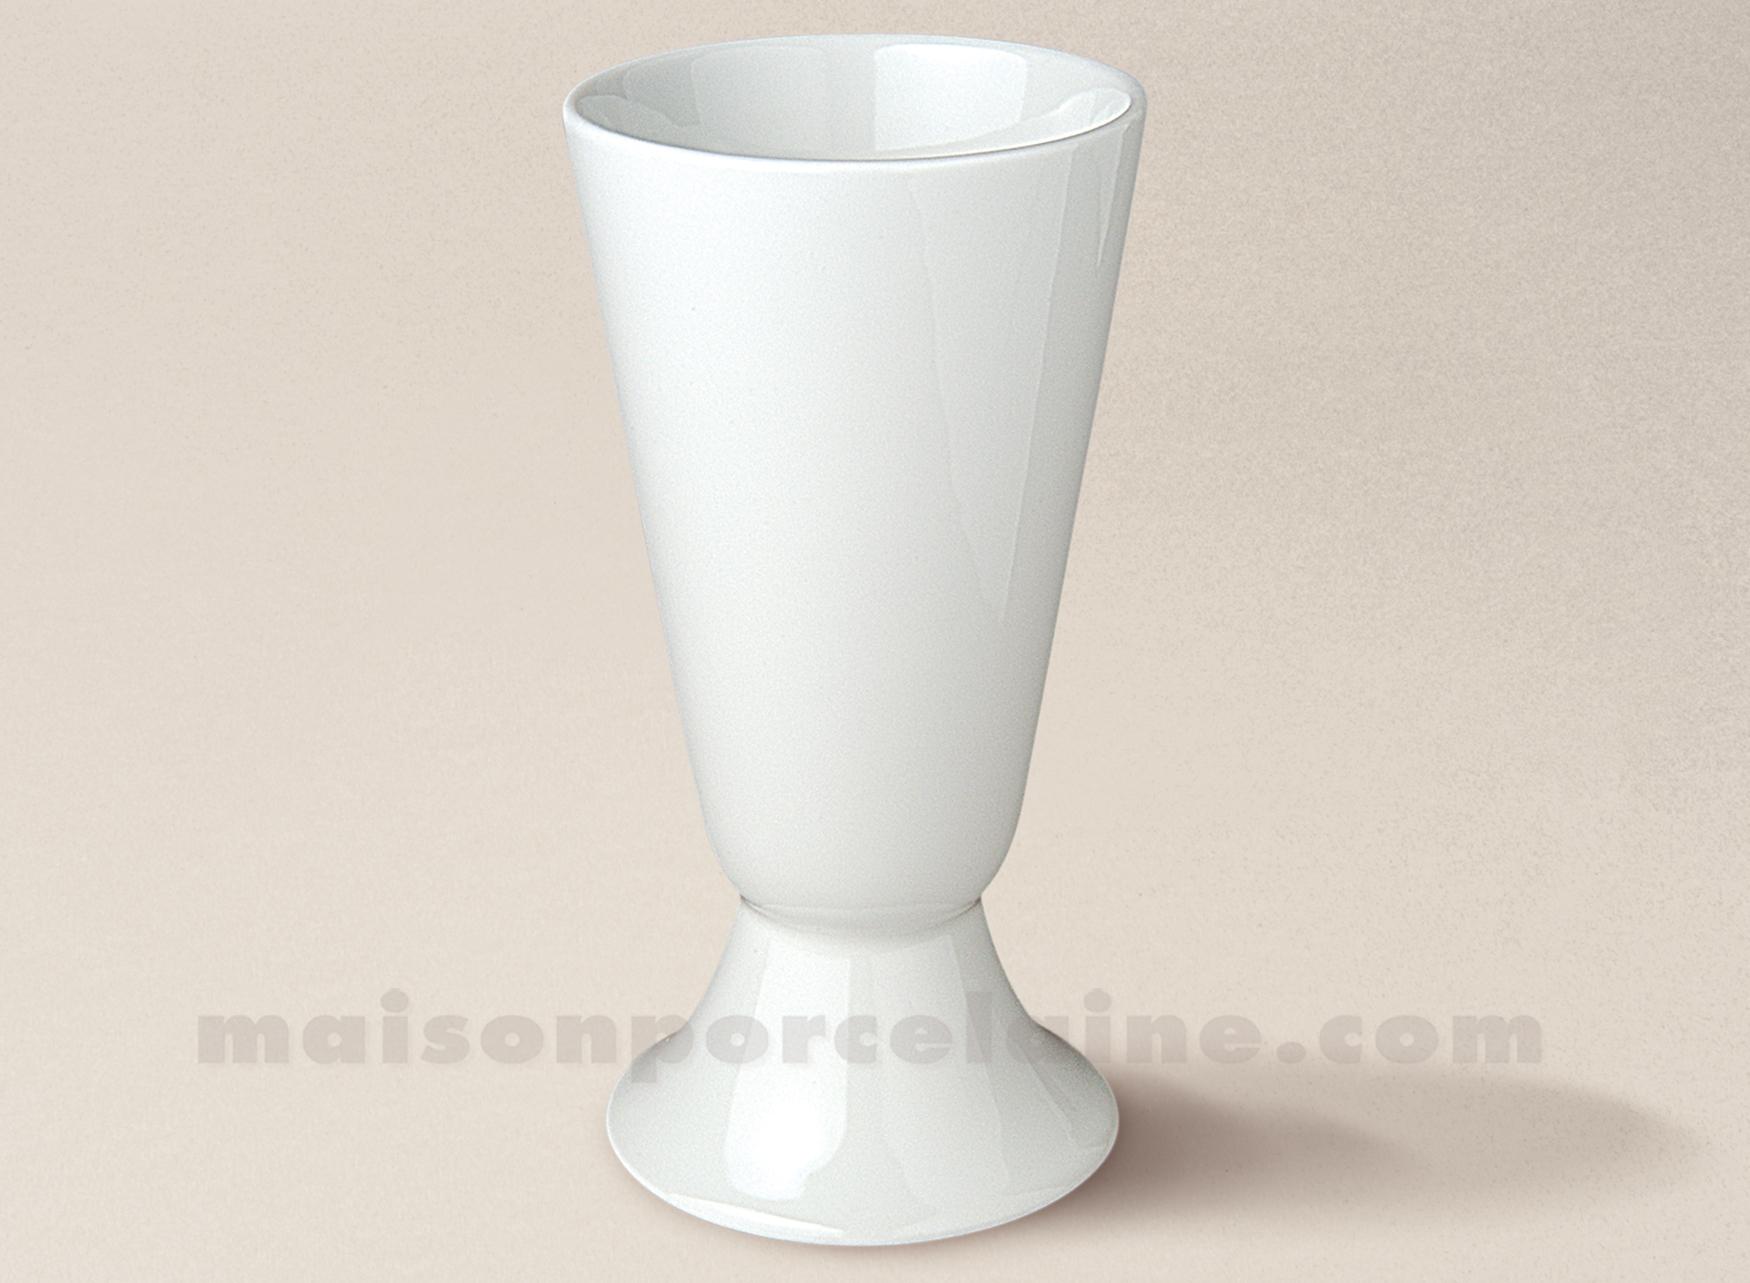 Mazagran porcelaine blanche flandre 17cl maison de la porcelaine - La porcelaine blanche ...